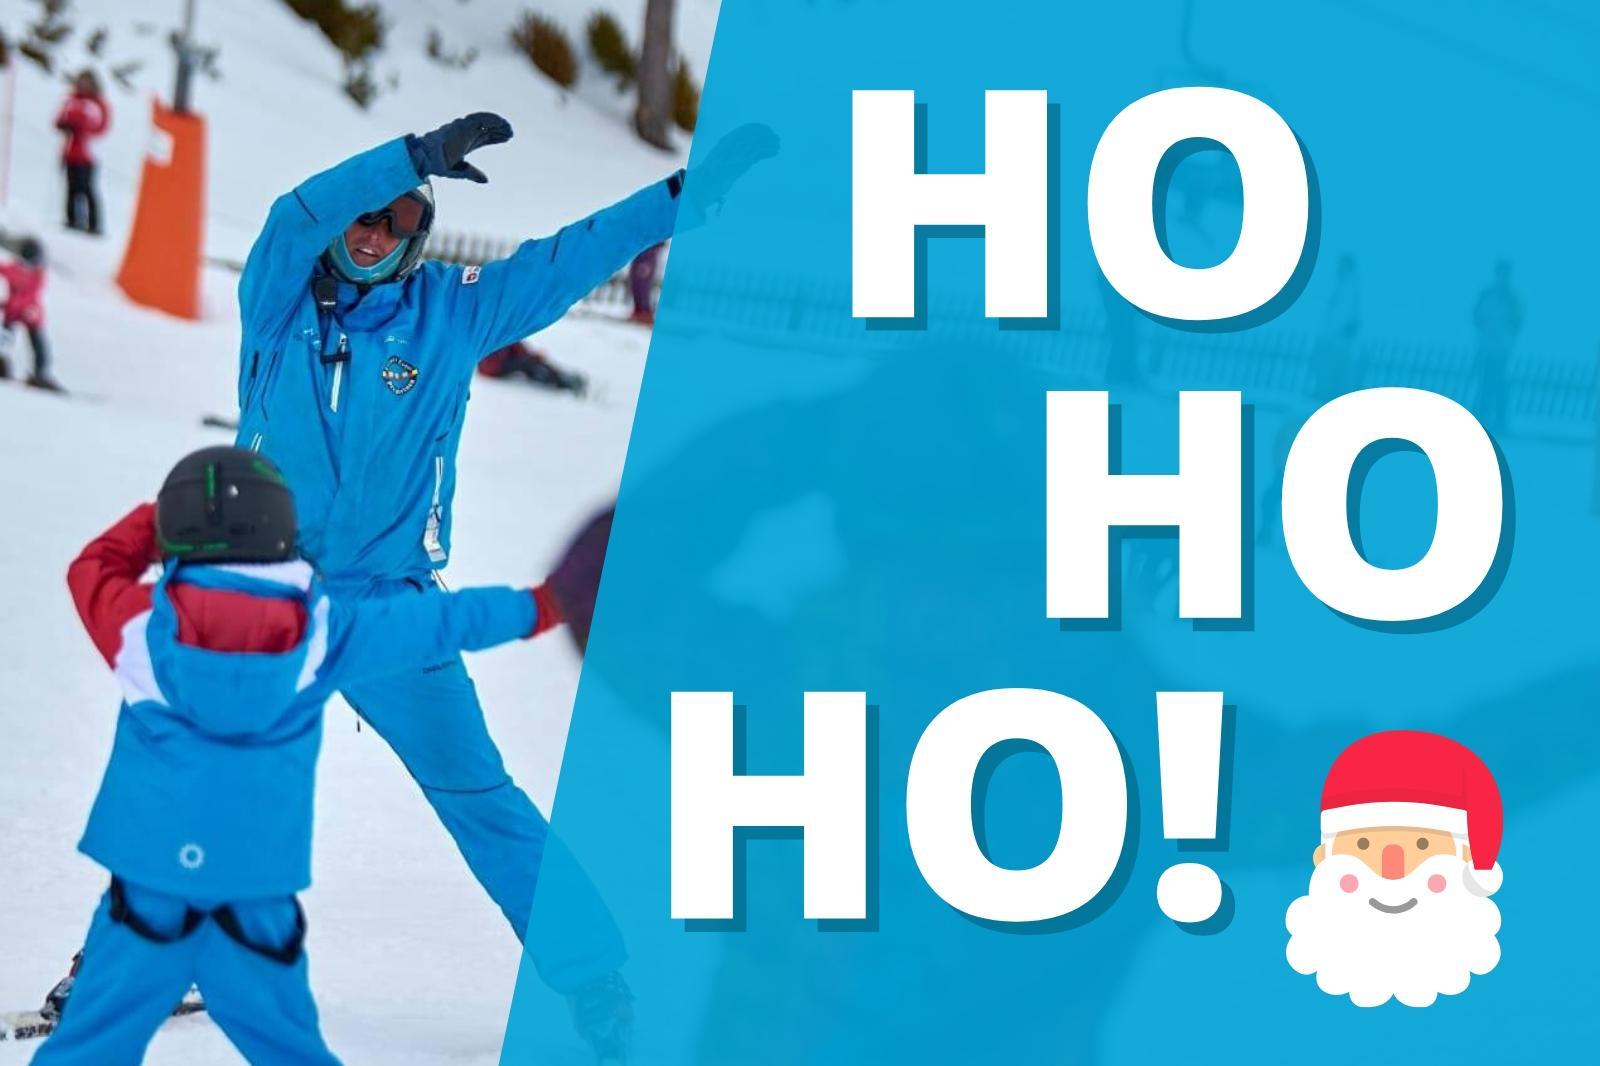 Cours collective du ski Noël à Port del Comte